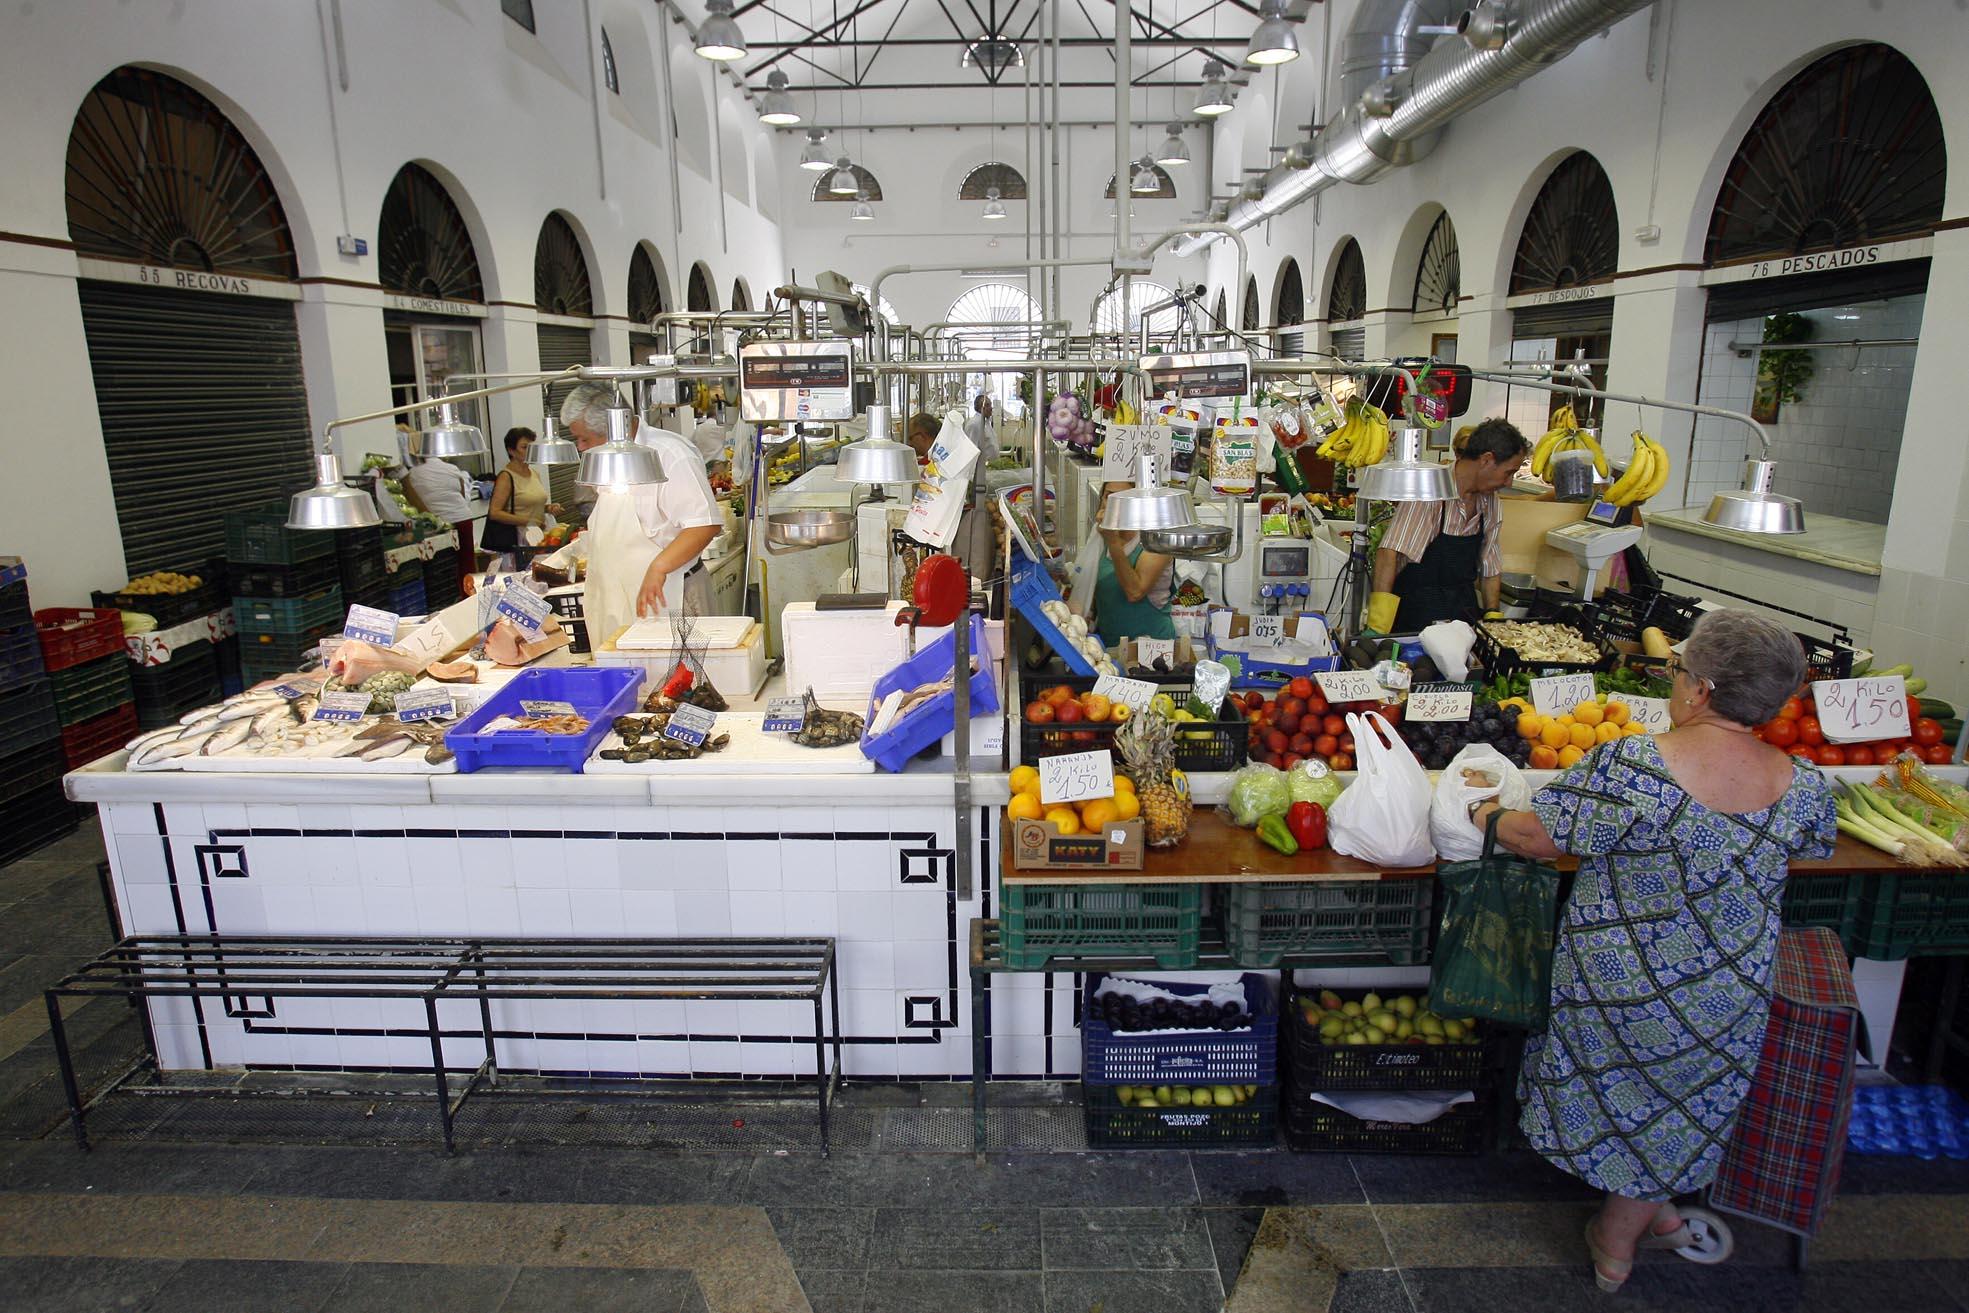 Puestos de pescado y de frutas y hortalizas en el mercado de la céntrica calle Feria, en Sevilla capital, con siglo y medio de actividad. / GREGORIO BARRERA